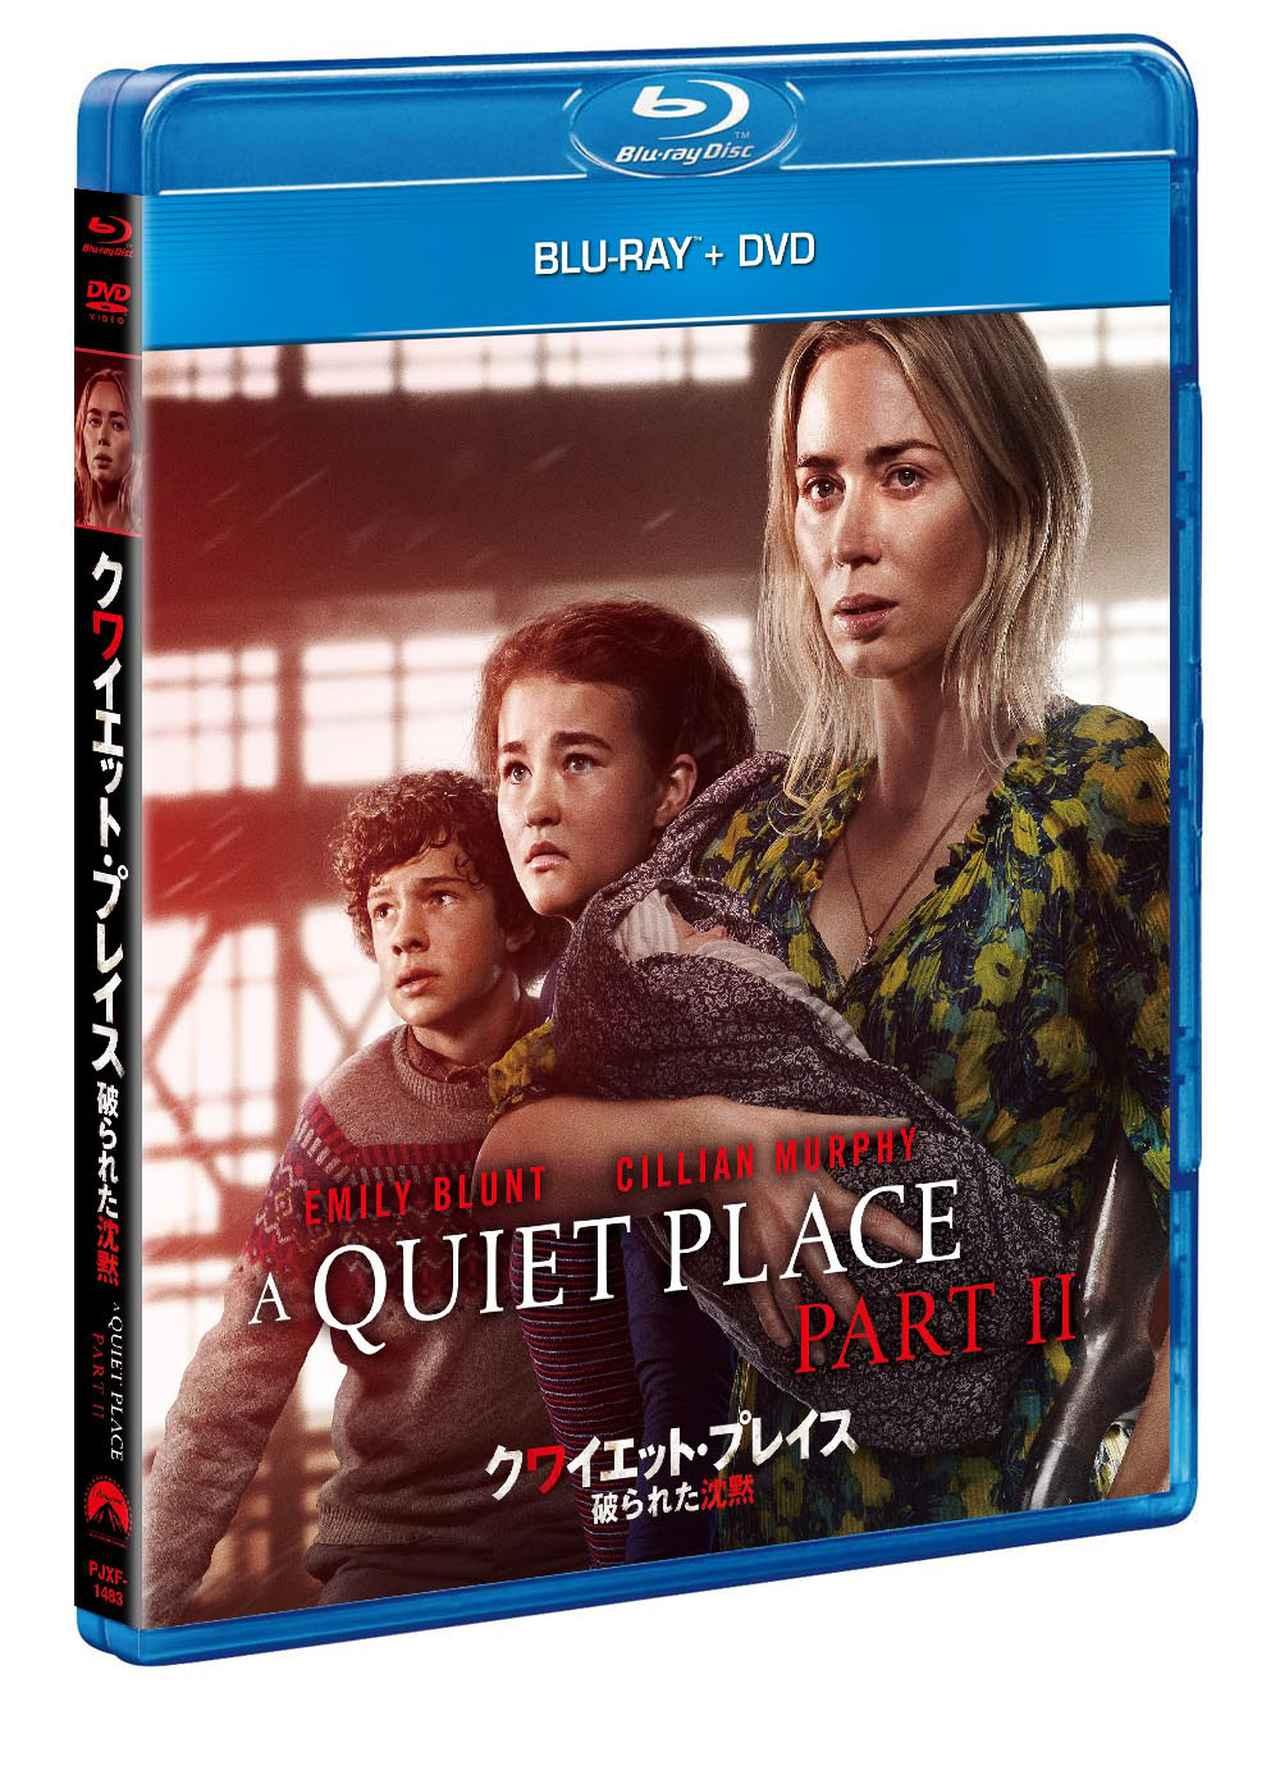 画像1: 『クワイエット・プレイス 破られた沈黙』10月にソフト発売、9月にはデジタル先行配信